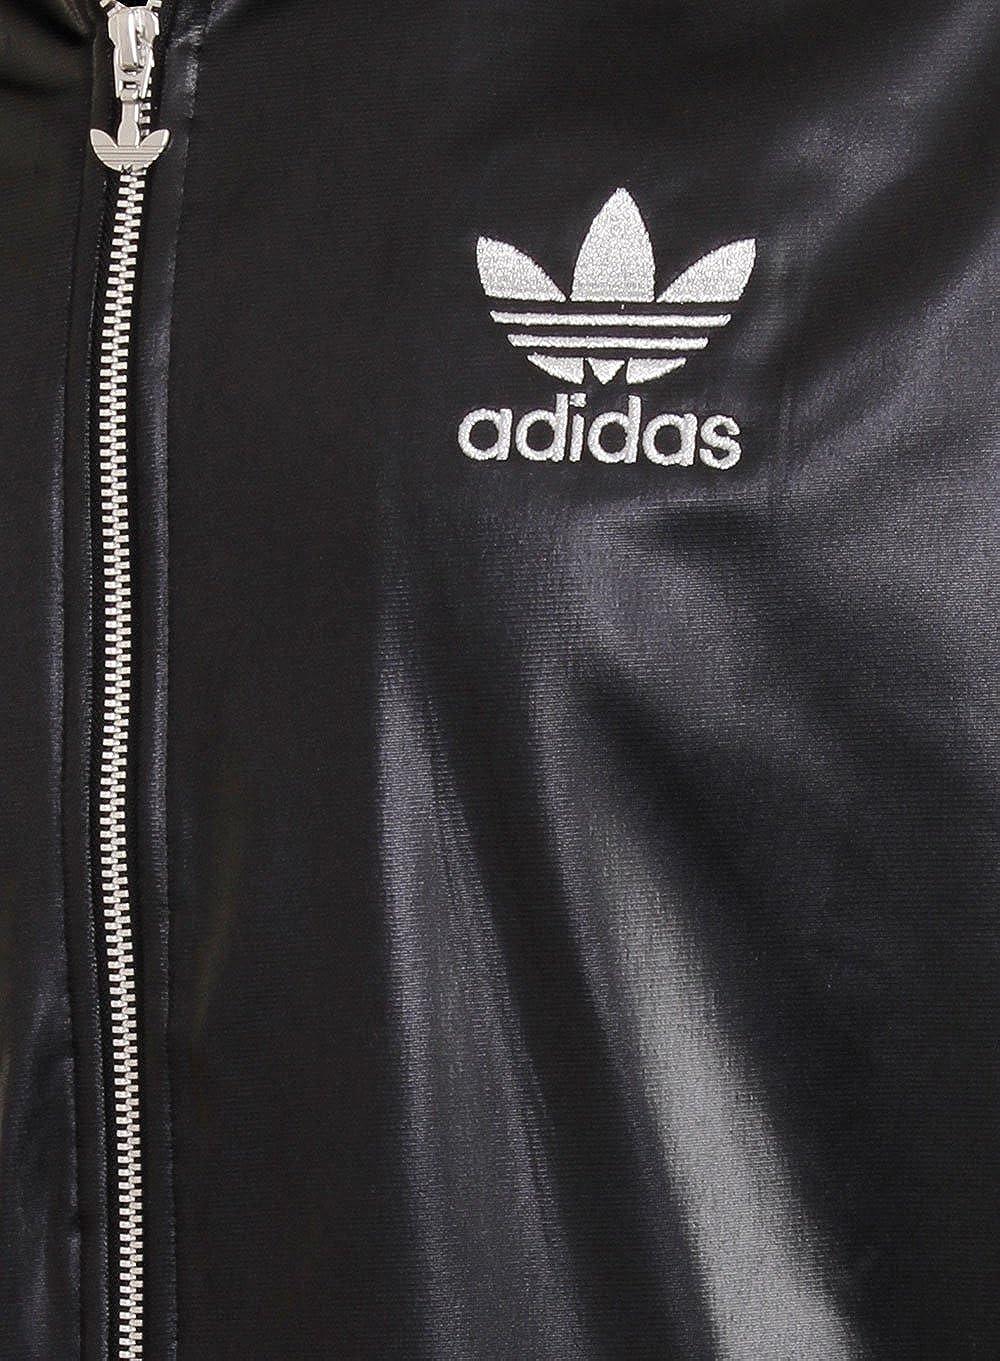 Adidas Originals Chile 62 Homme Veste (SW), Noir, Taille XL